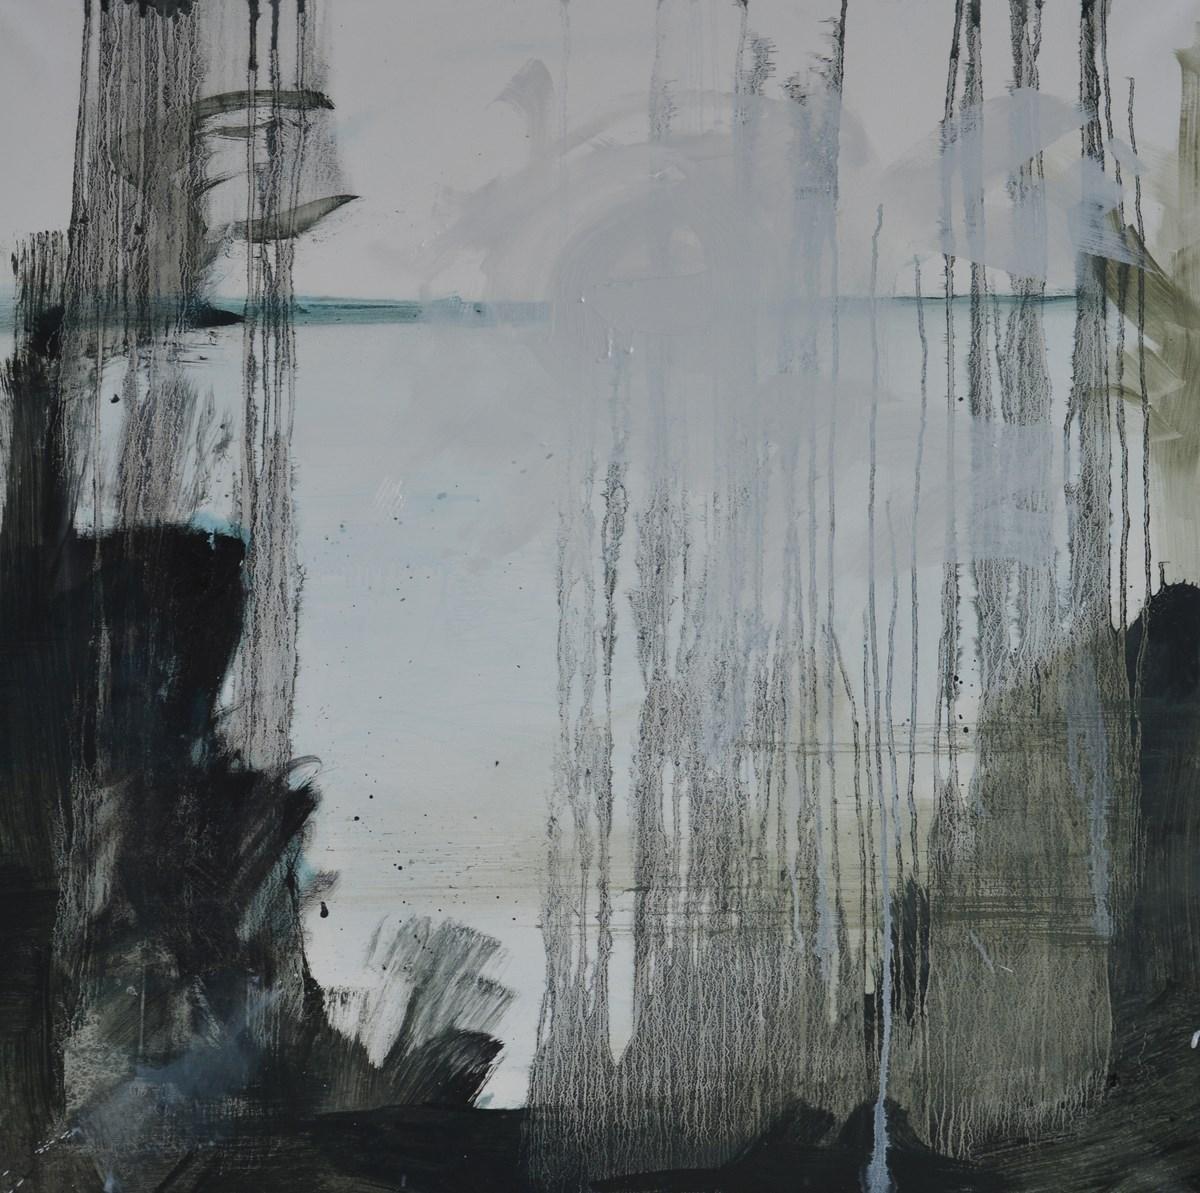 """Anna Orbaczewska-Niedzielska, """"Pejzaż czwarty z czterech"""", 100x100 cm, olej na płótnie, 2015 (źródło: materiały prasowe organizatora)"""